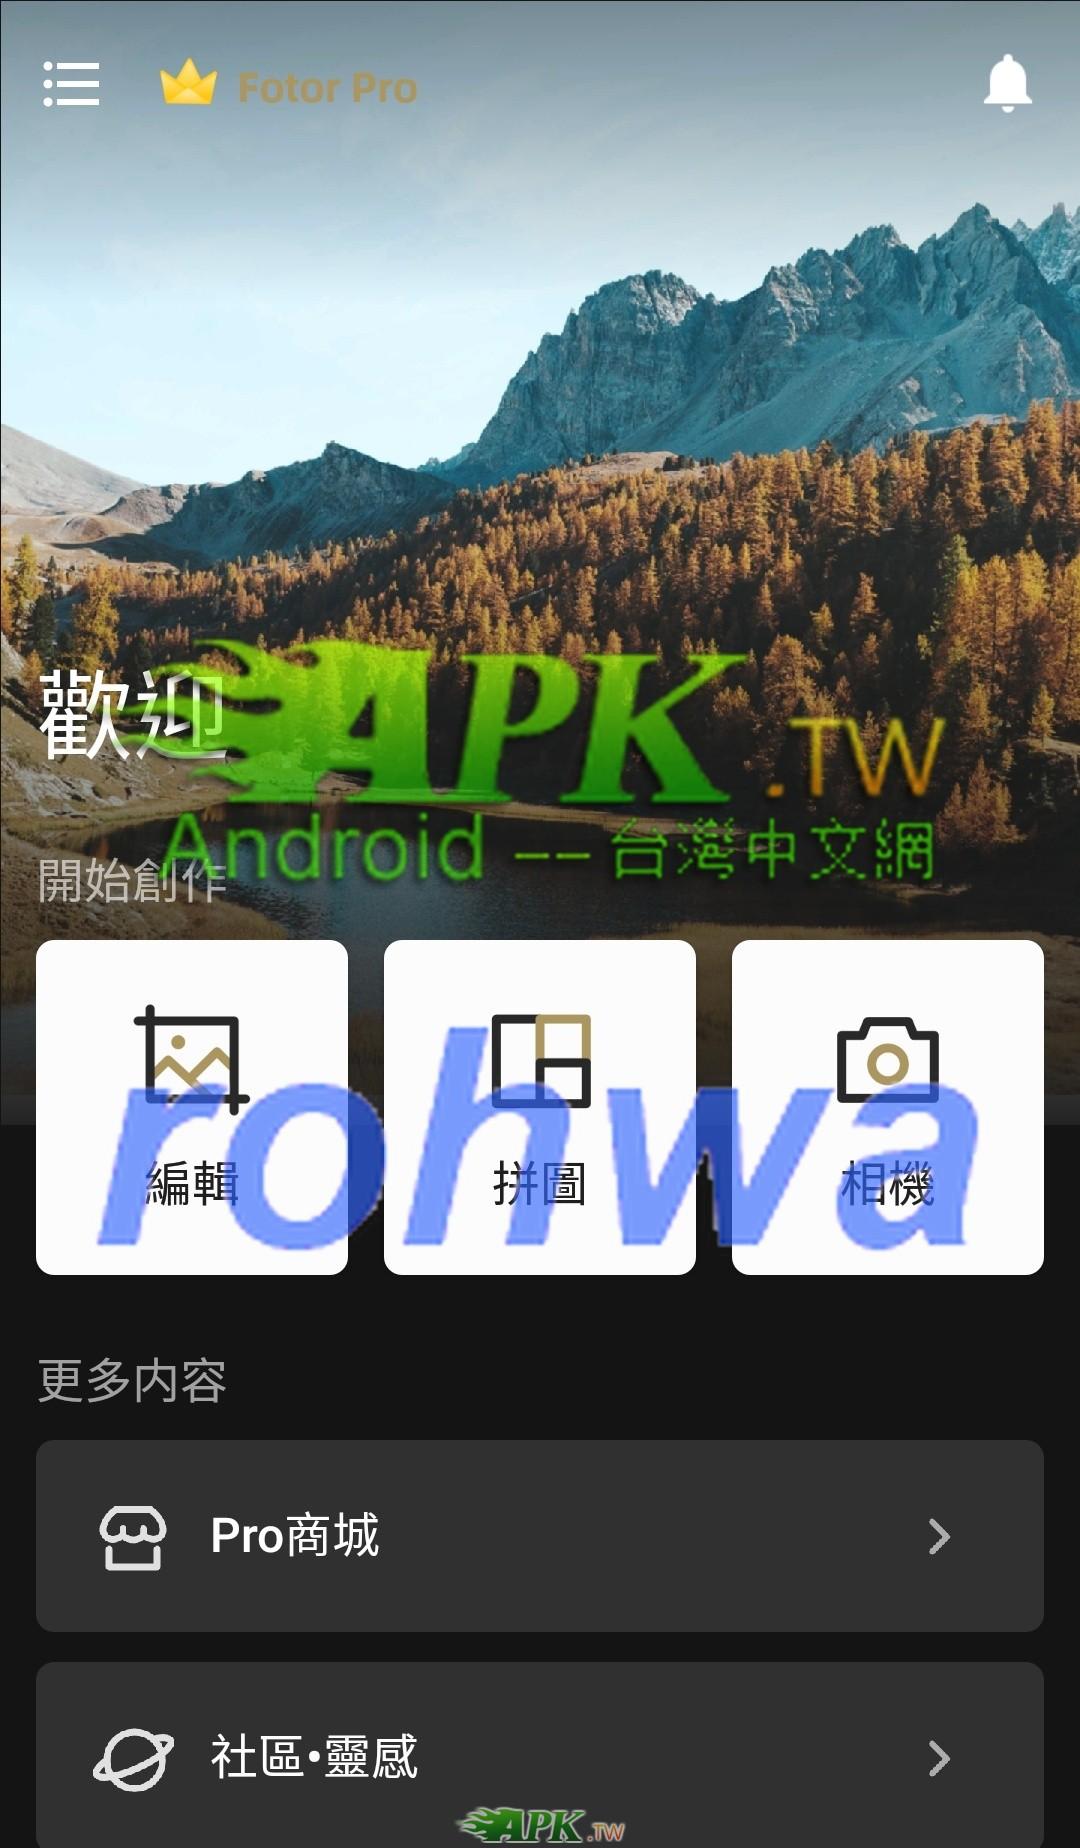 Fotor__1_.jpg